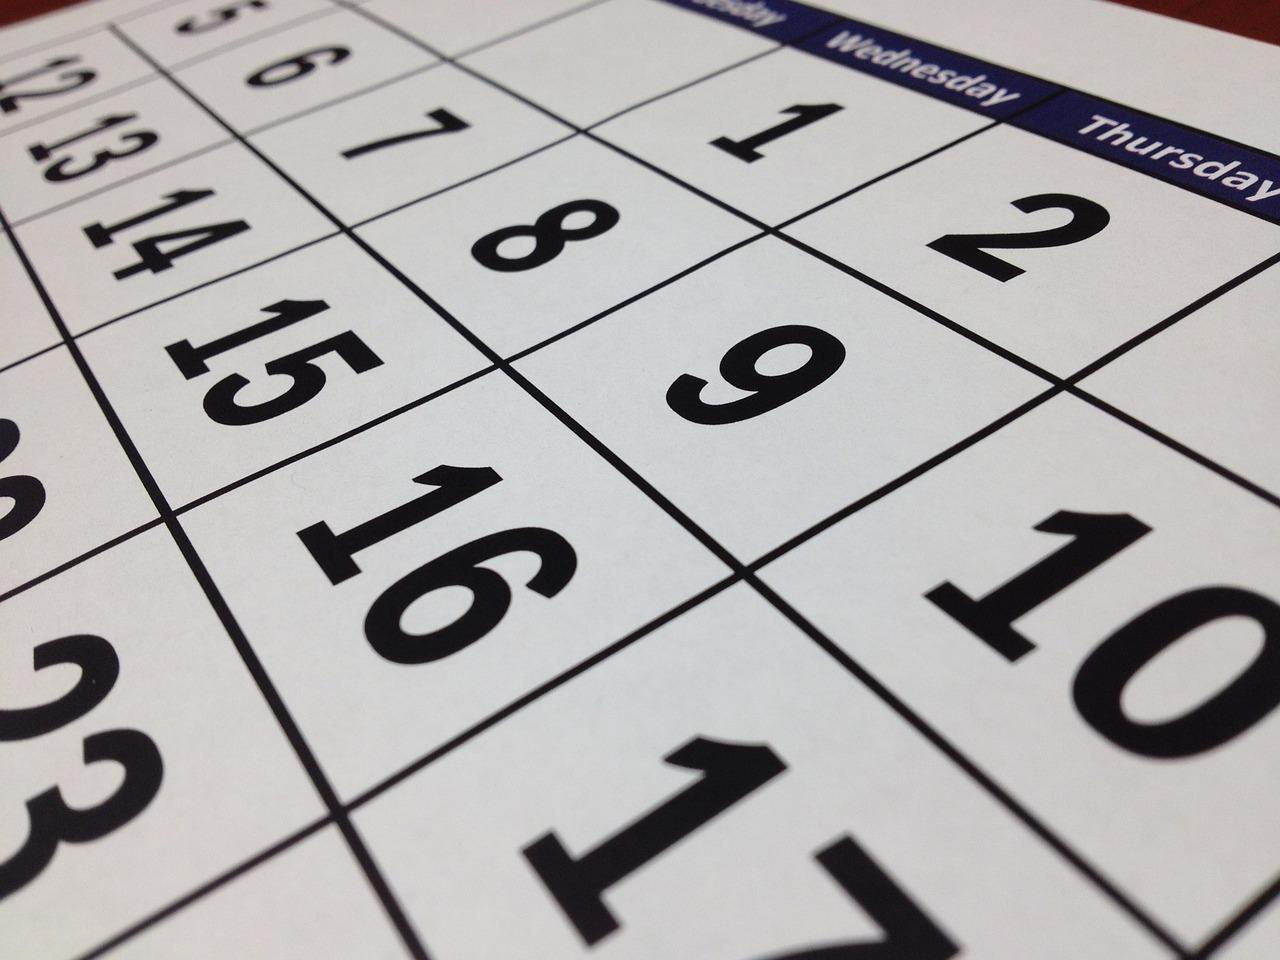 なぜ申請日が12歳の誕生日の前日なのに12歳とみなされるのか?